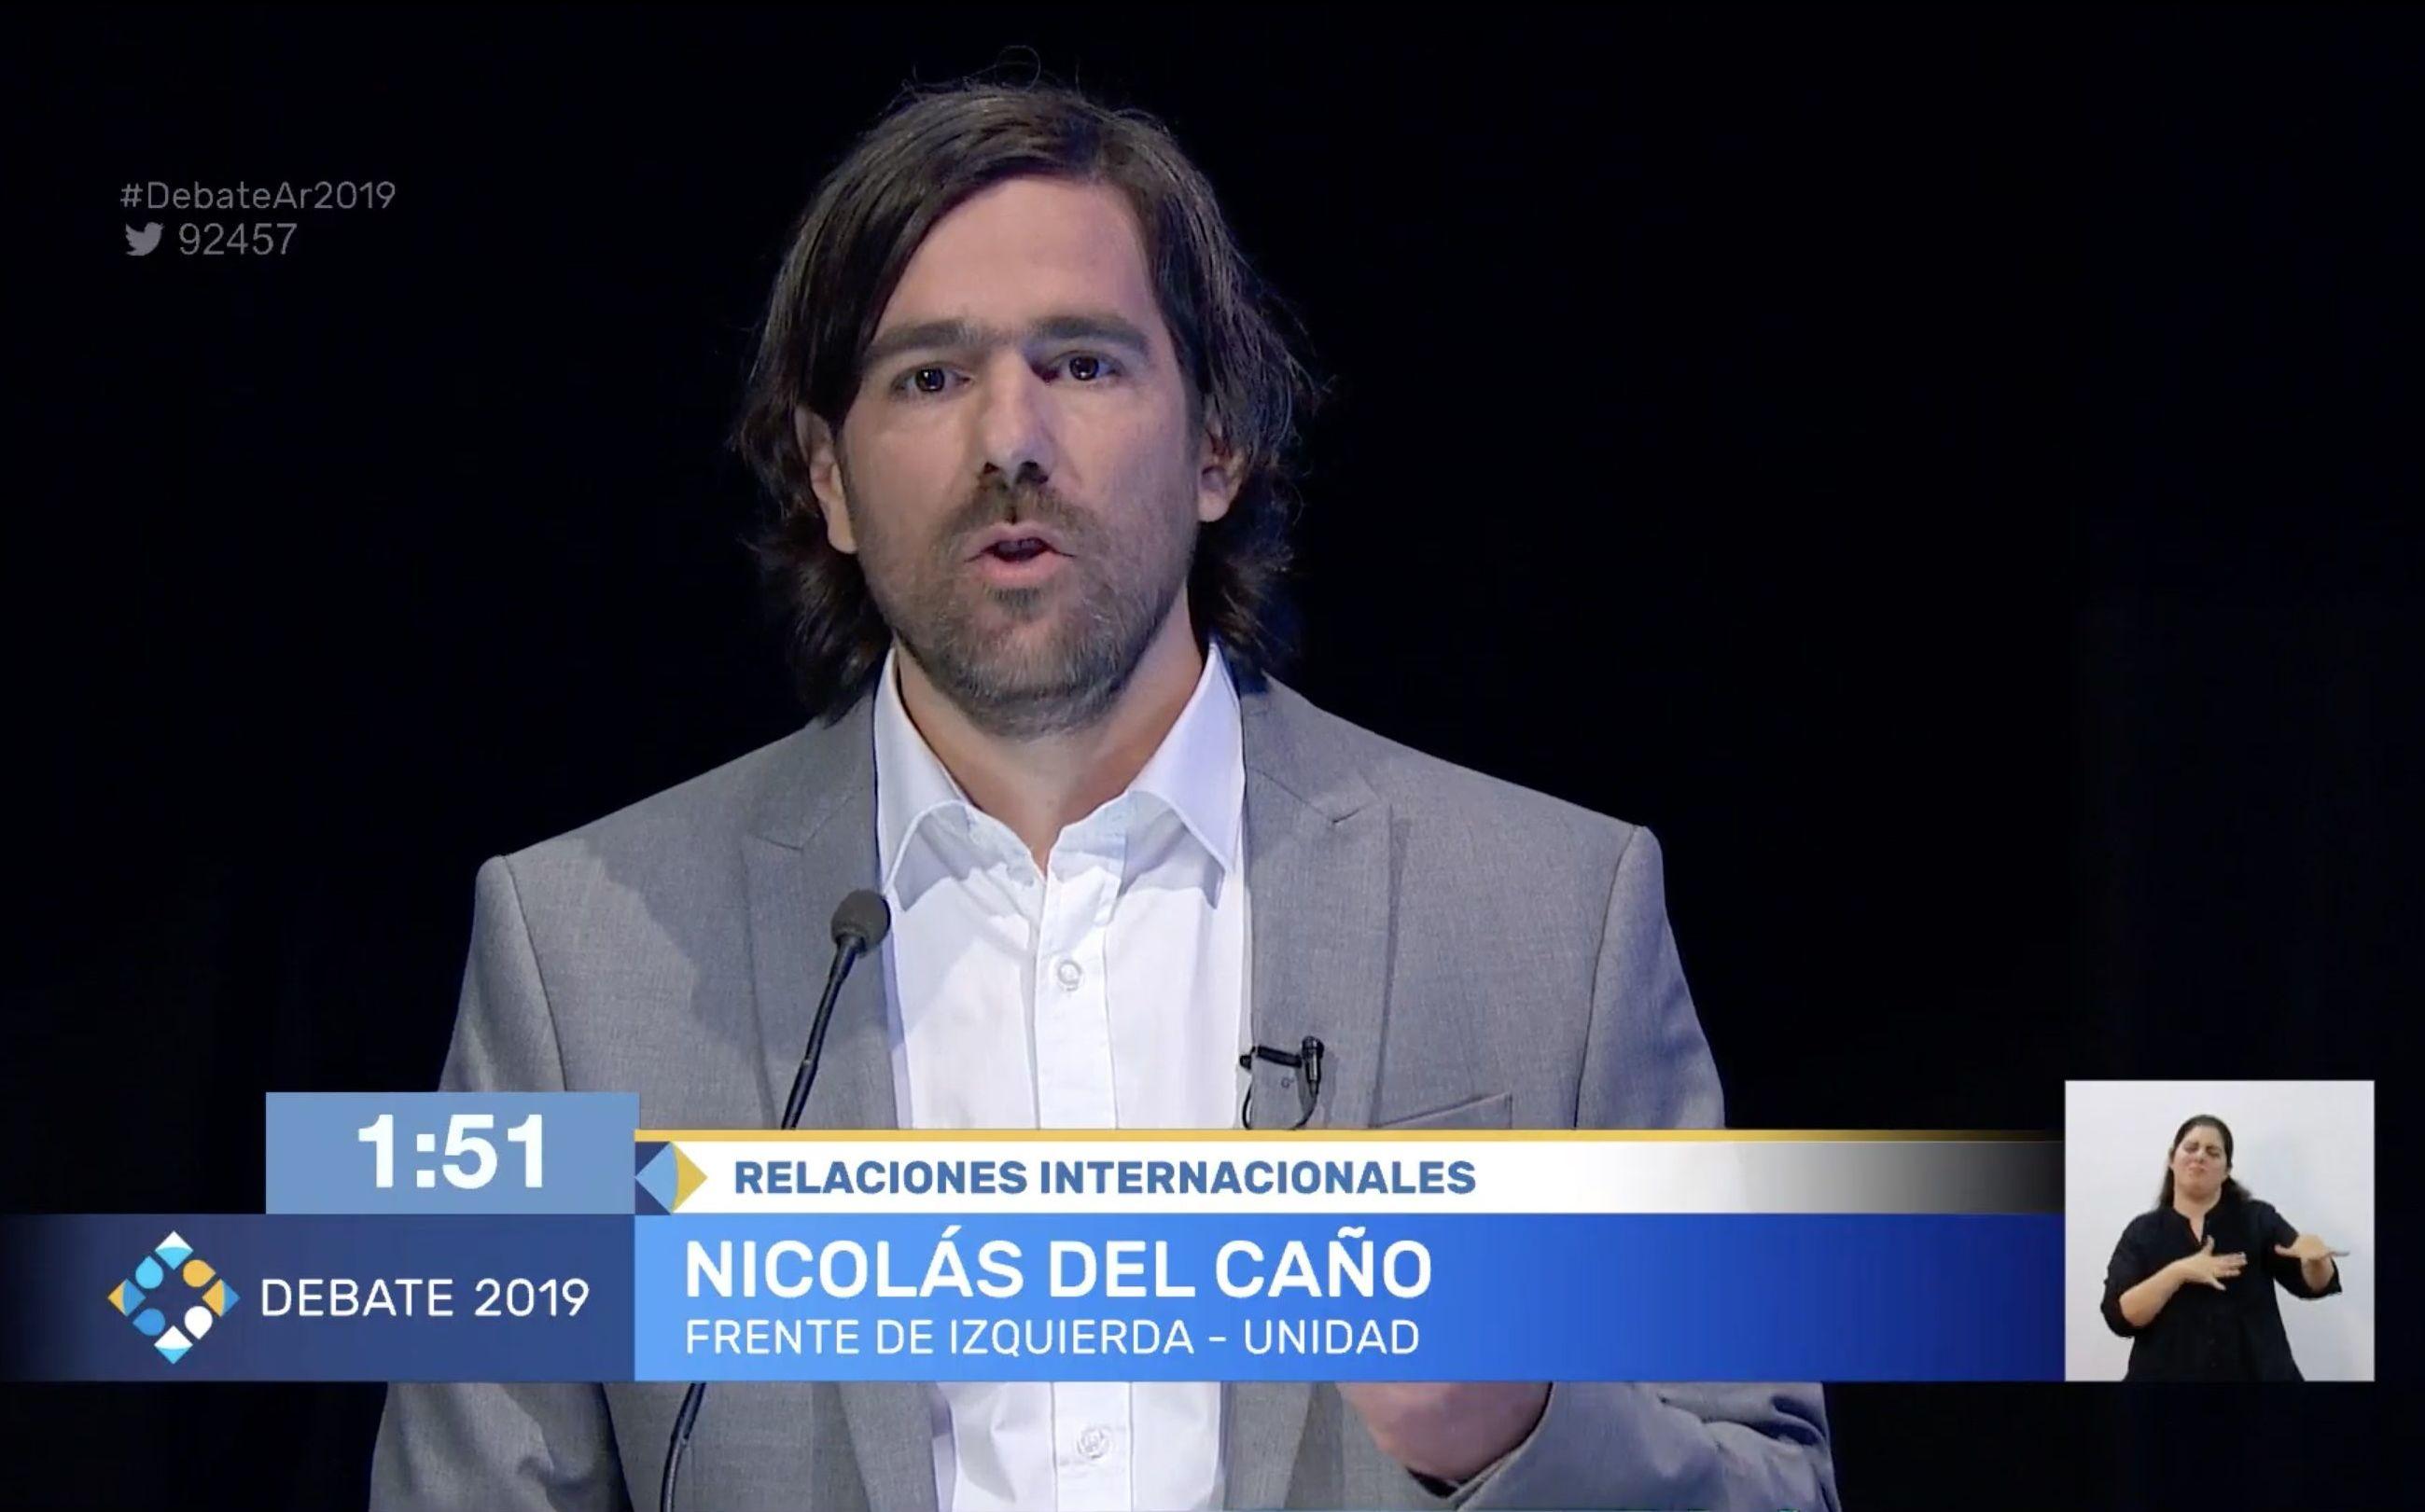 Nicolás del Caño, candidato presidencial por el Frente de Izquierda - Unidad, durante el debate